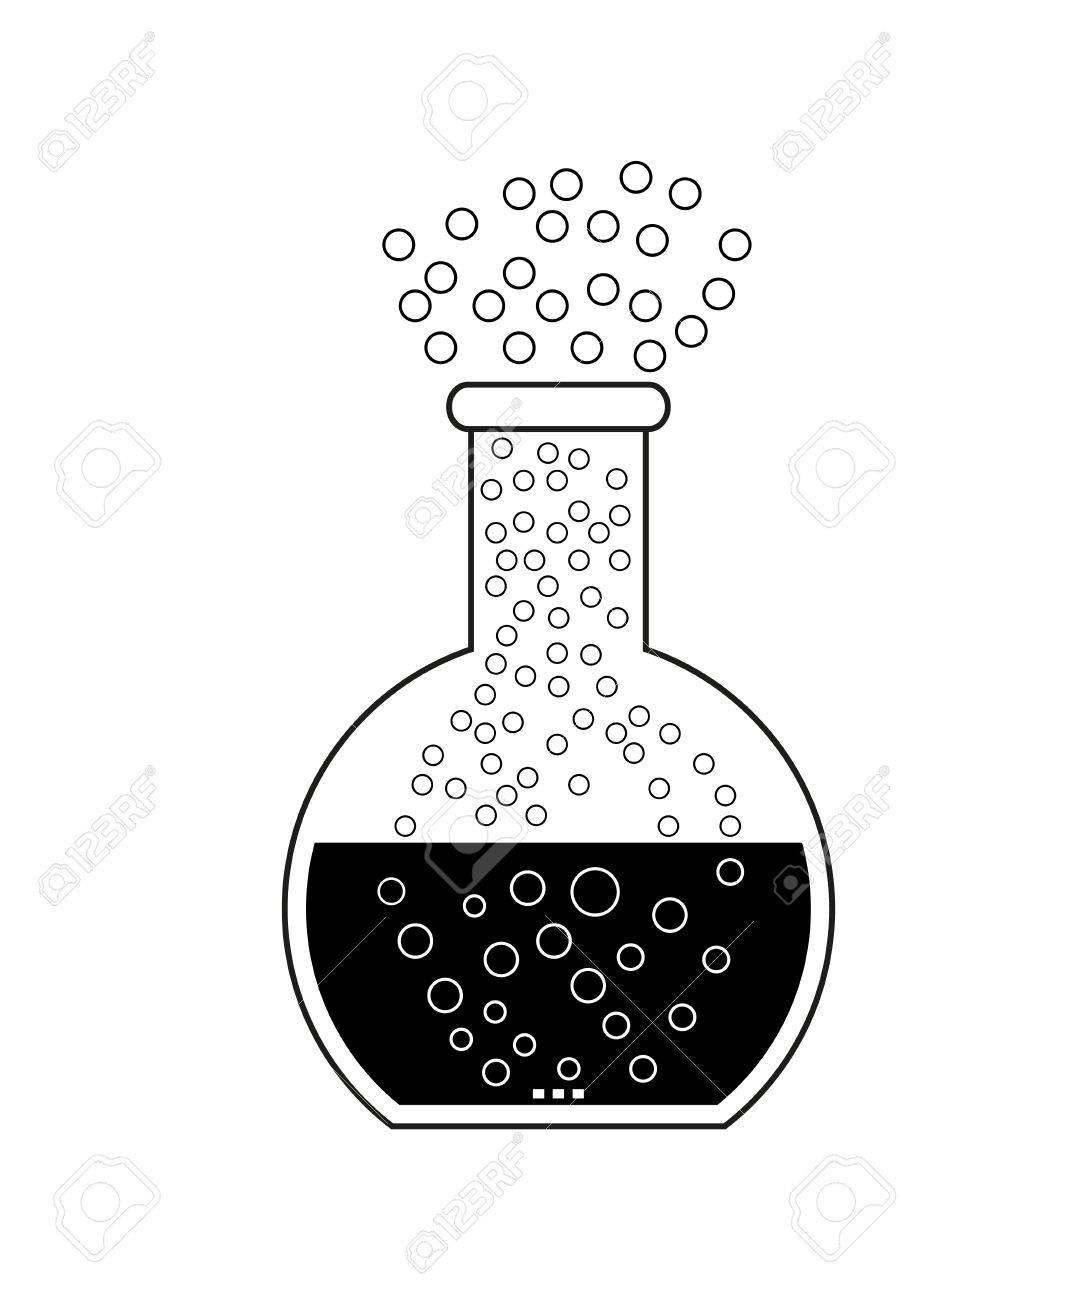 Background image bottom 0 - Flat Bottom Chemical Flask Laboratory Glassware Isolated On White Background 2d Illustration Stock